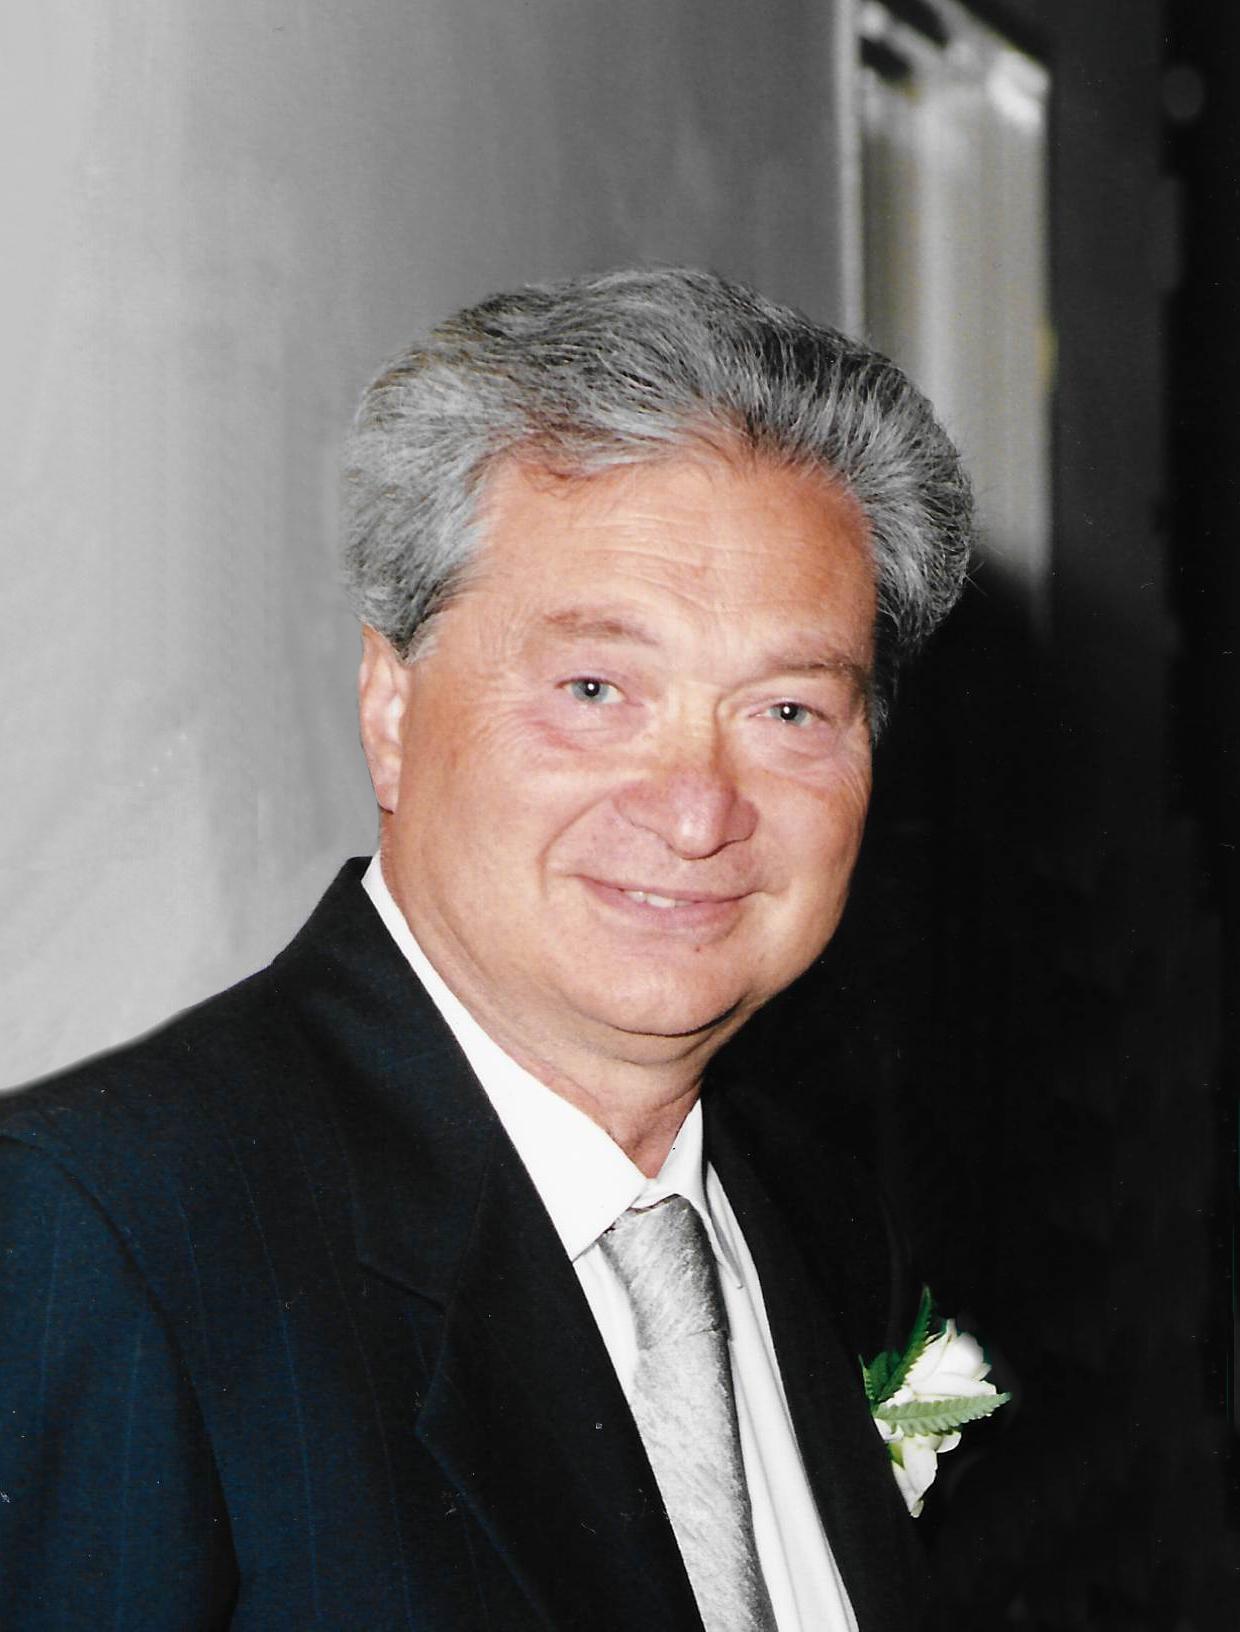 Necrologi Lanzo Torinese - Dott. Preite Beniamino